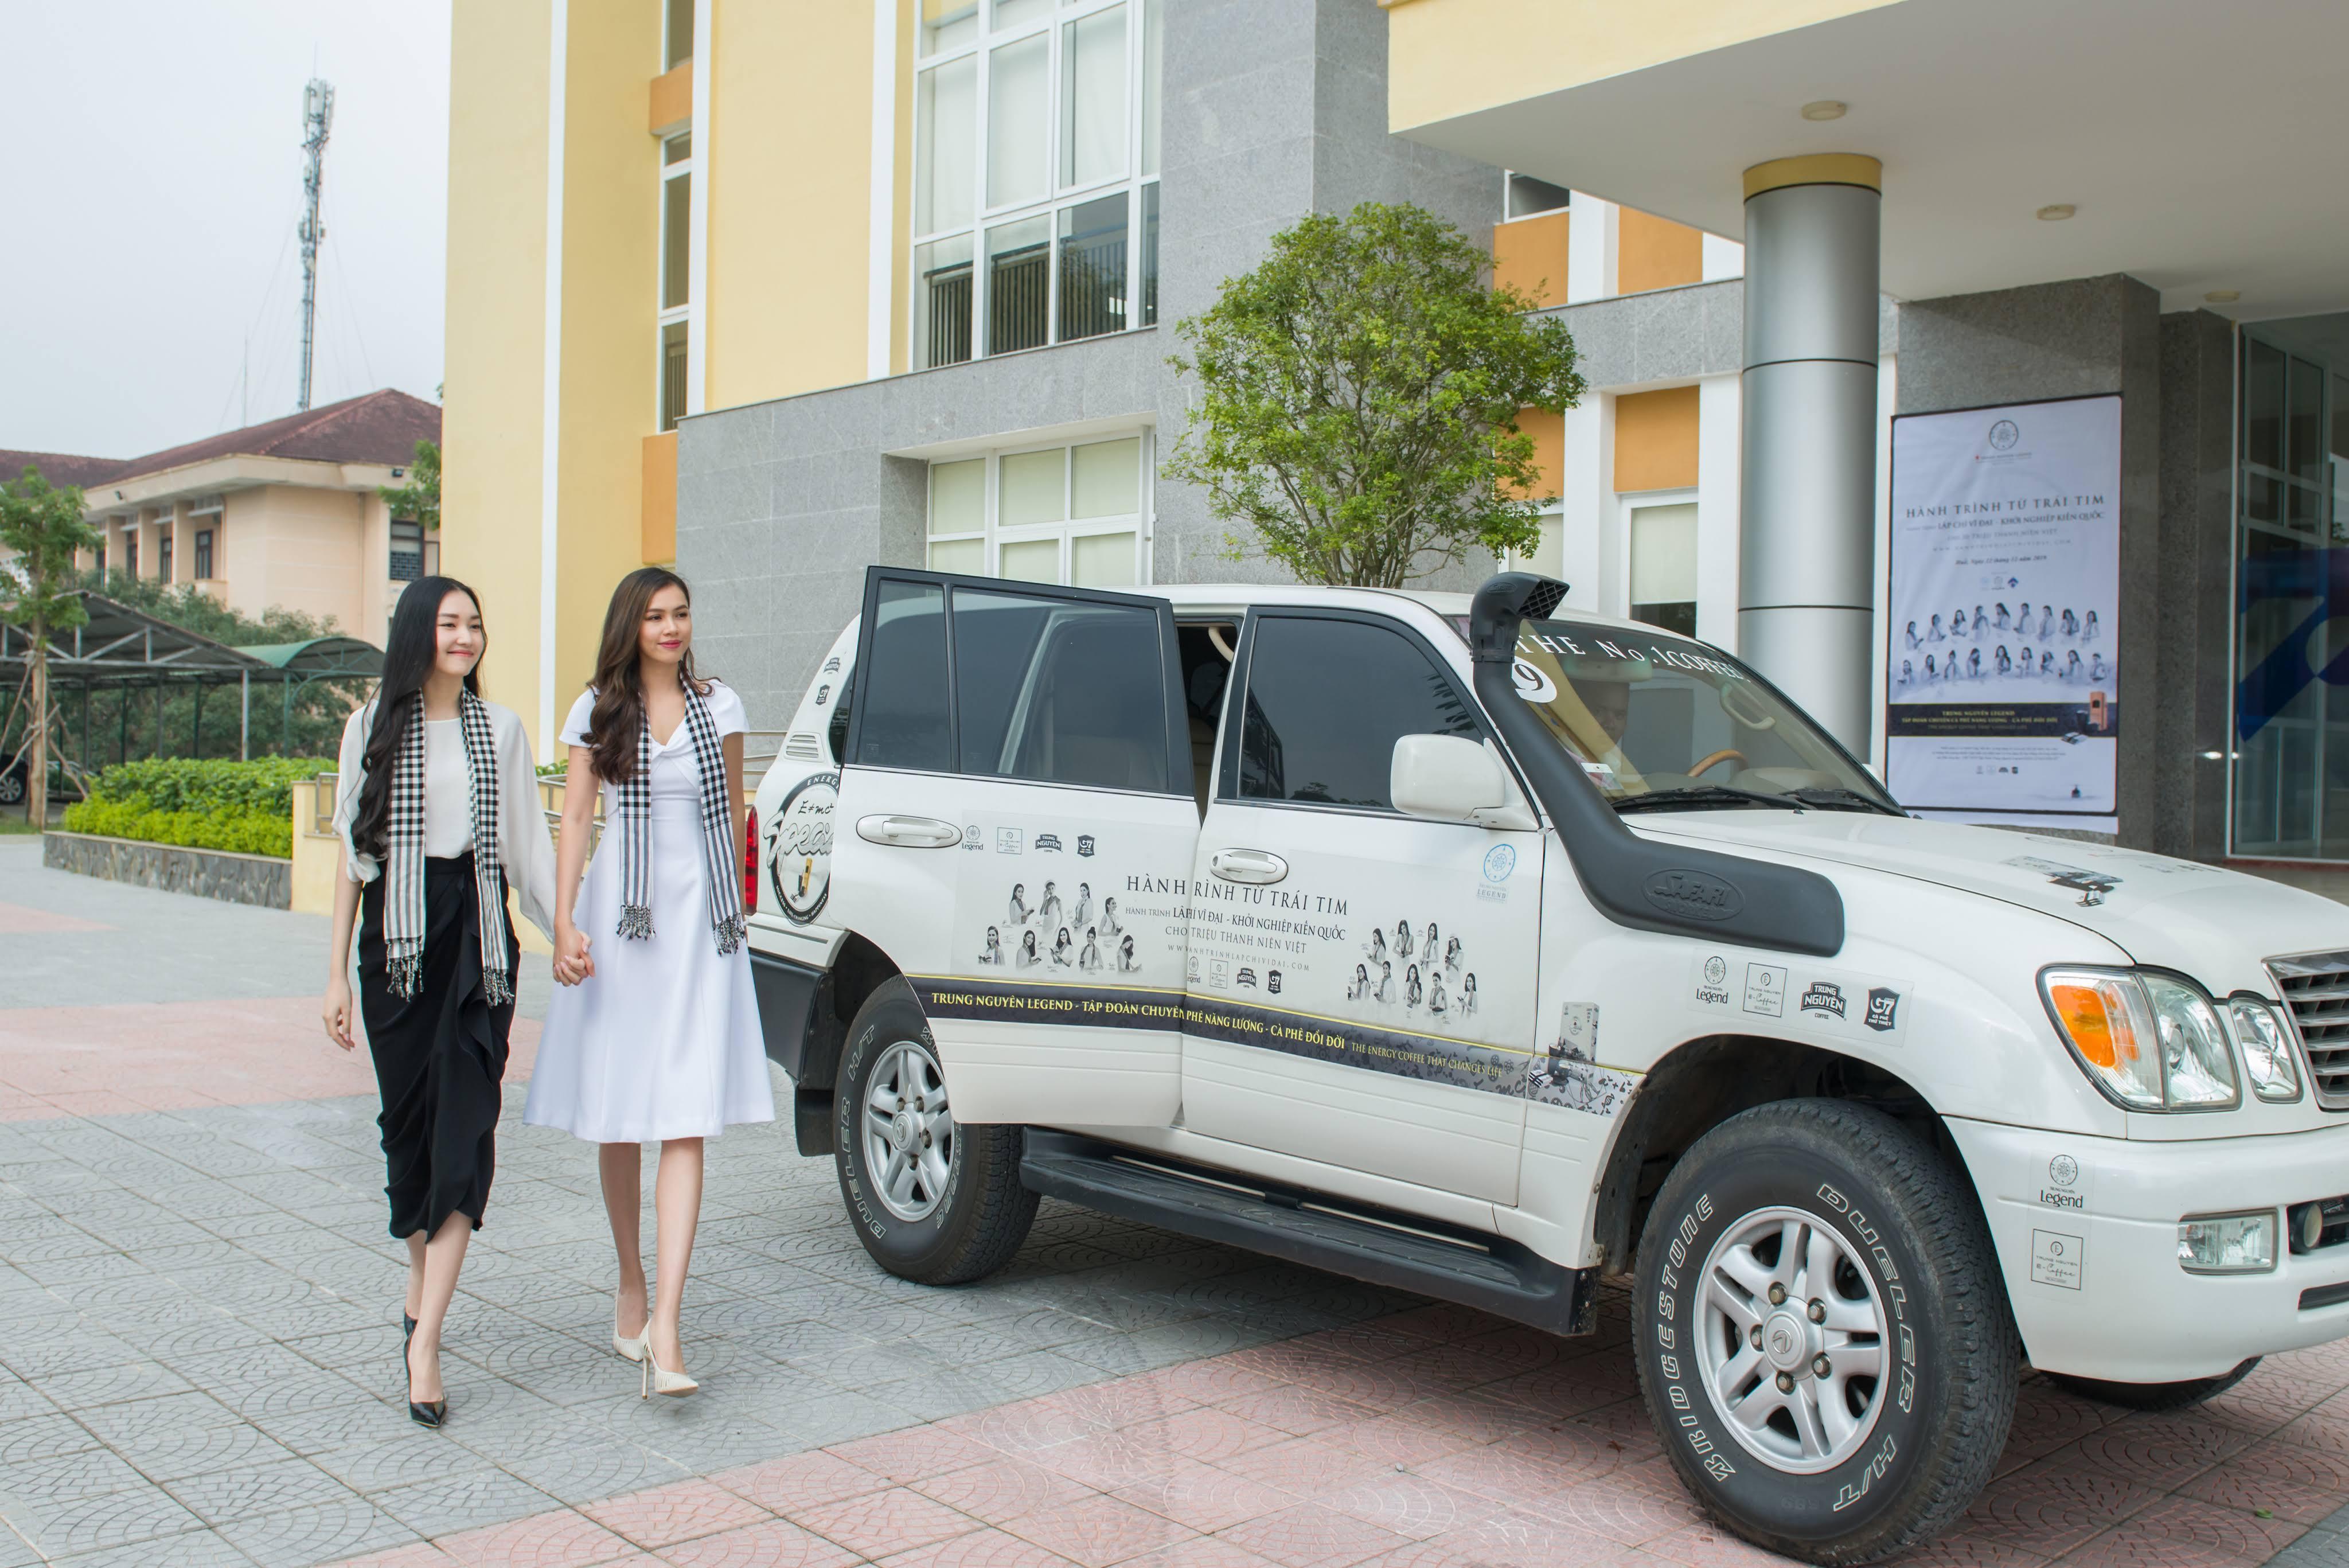 Lexus của vua cafe Đặng Lê Nguyên Vũ đưa đón 'Nàng thơ xứ Huế' Ngọc Trân 1